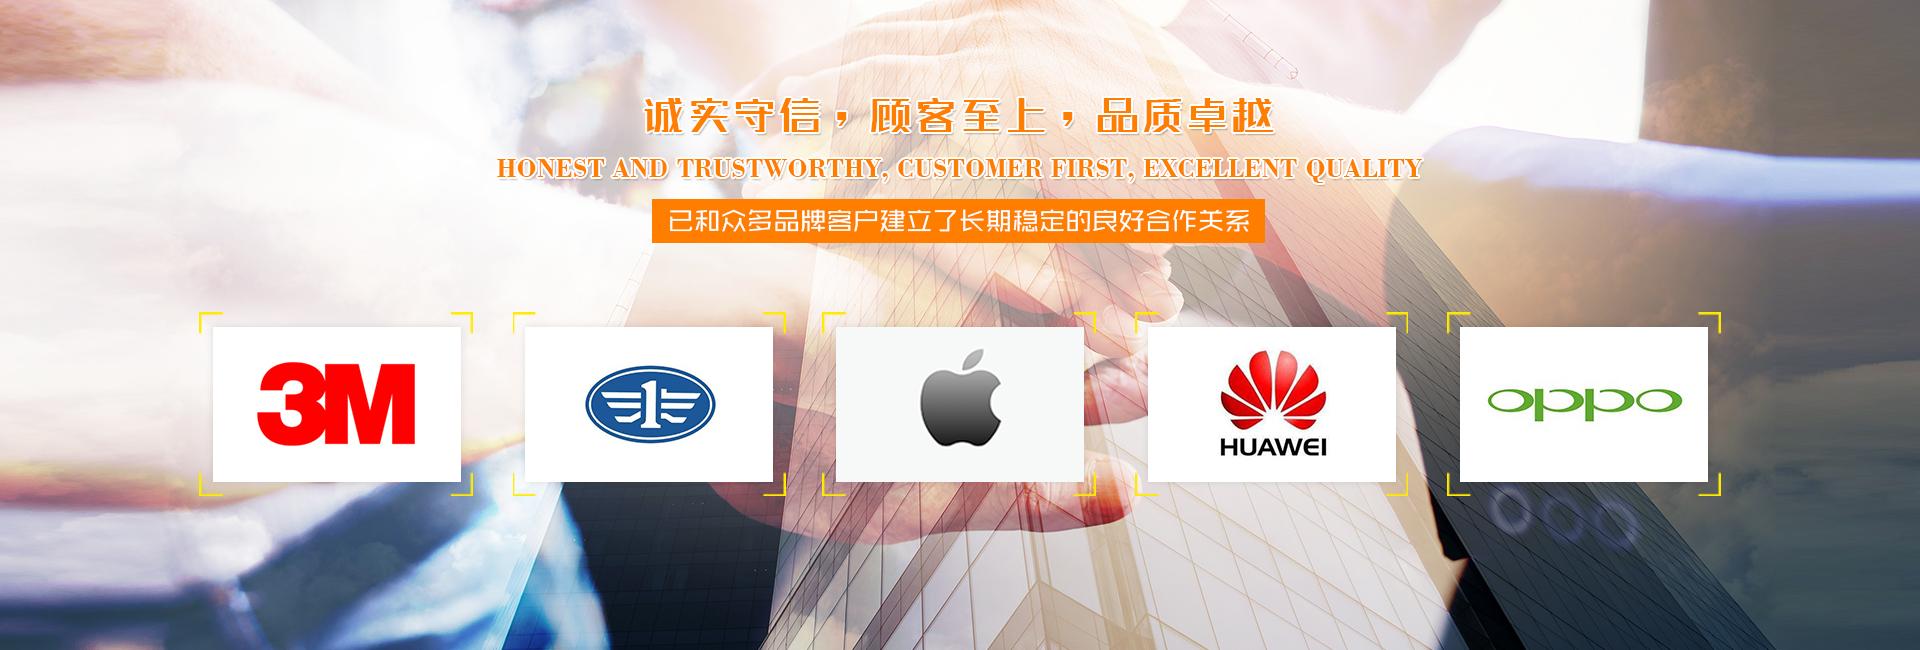 苏州鑫佰威电子材料有限公司